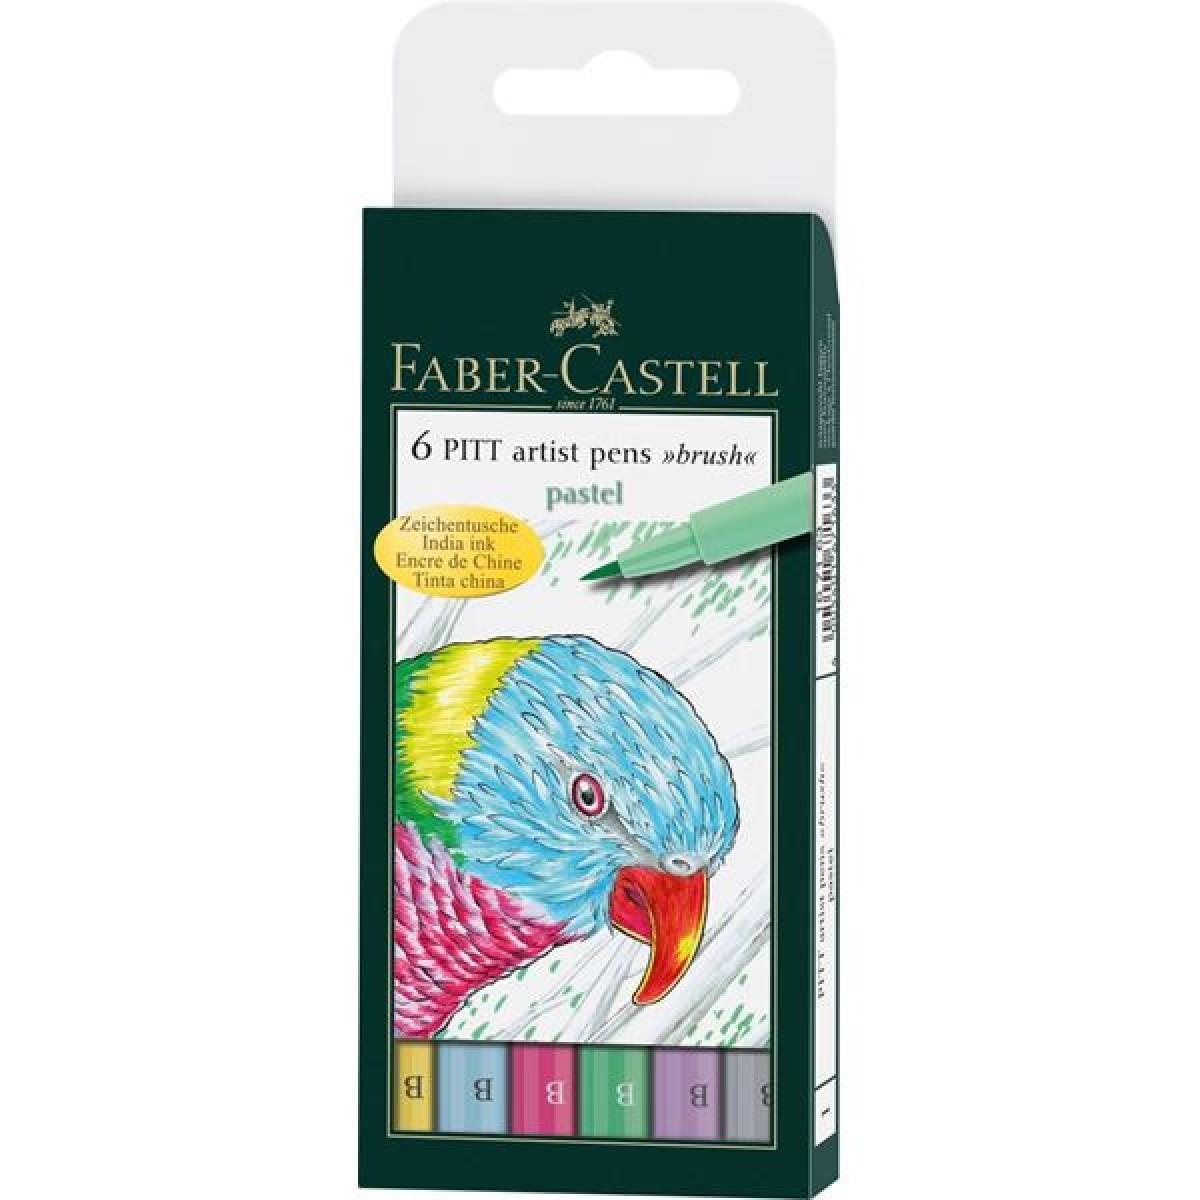 Faber Castell, Pitt artist pen, brush, 6 stk., Pastel